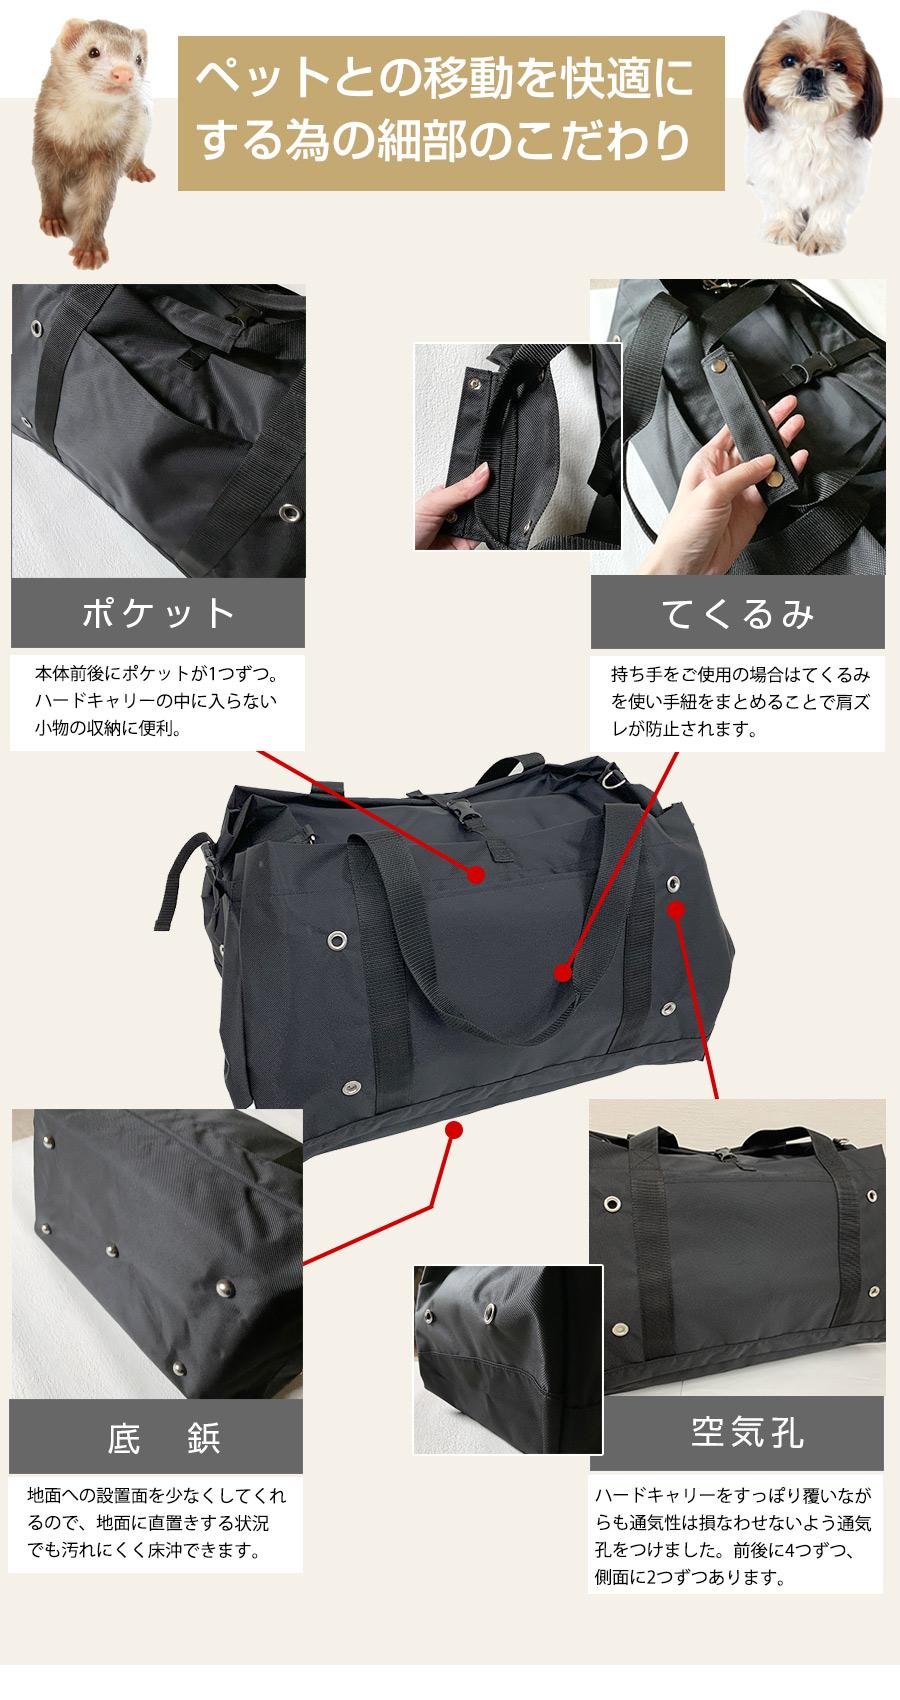 すっぽり収まるバッグ細部のこだわり